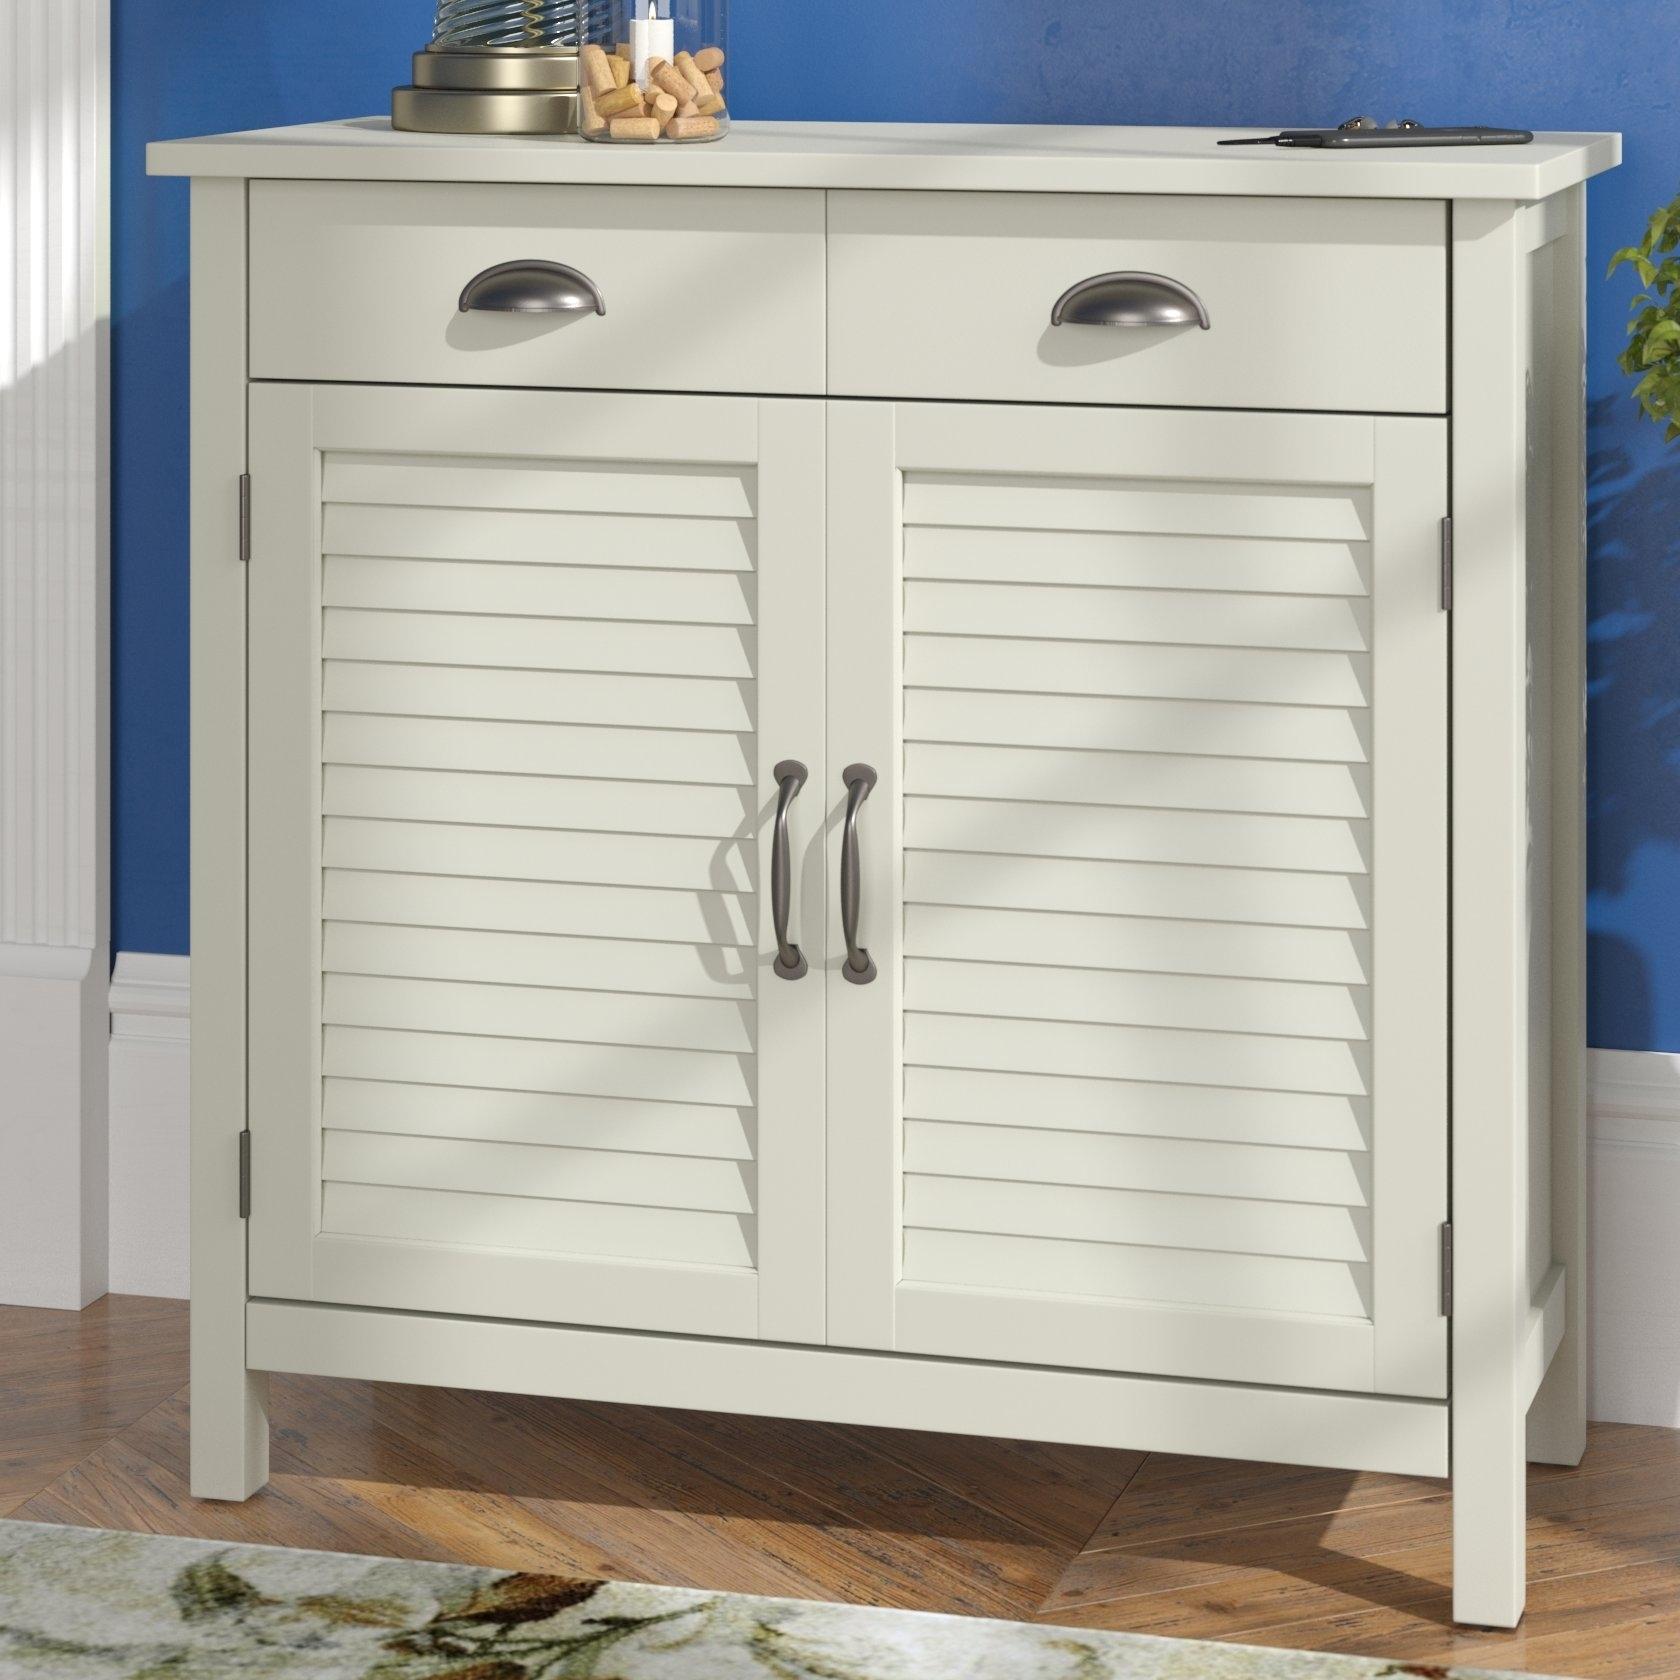 Dodge Wood 2 Door Accent Cabinet & Reviews | Joss & Main throughout Burn Tan Finish 2-Door Sideboards (Image 14 of 30)